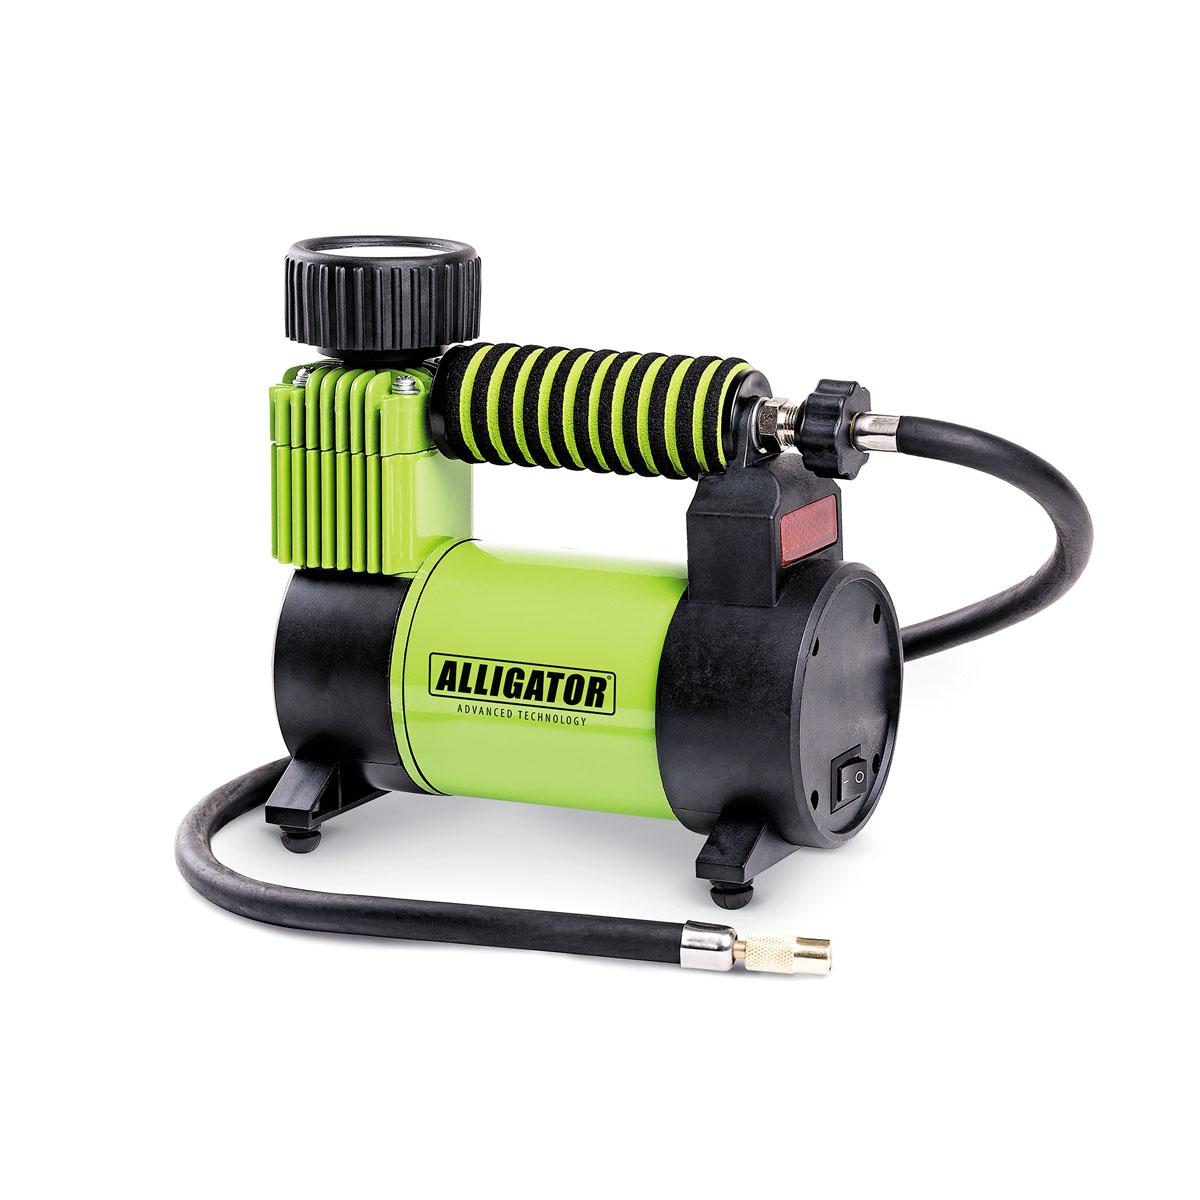 Компрессор автомобильный ALLIGATOR AL-350Z, 12В, 120 ВтAL-350ZАвтомобильный компрессор Автопрофи Аллигатор выполнен из высококачественного металла. Он оснащен спонжевой мягкой ручкой, обеспечивающей надежный и удобный хват. В комплекте переходники для накачки надувных изделий. Питание осуществляется от бортовой сети 12В. Компрессор может непрерывно работать в течение 20 минут. В комплекте сумка для удобной переноски и хранения.Напряжение: 12В.Мощность: 120 Вт.Производительность: 30 л/мин.Максимальное давление 10 АТМ.Длина кабеля питания: 3 м.Длина шланга: 70 см.Время непрерывной работы: 20 минут.Диаметр поршня: 30 мм. Рабочая температура: от -20°С до +50°С. Максимальный ток: 14 А.